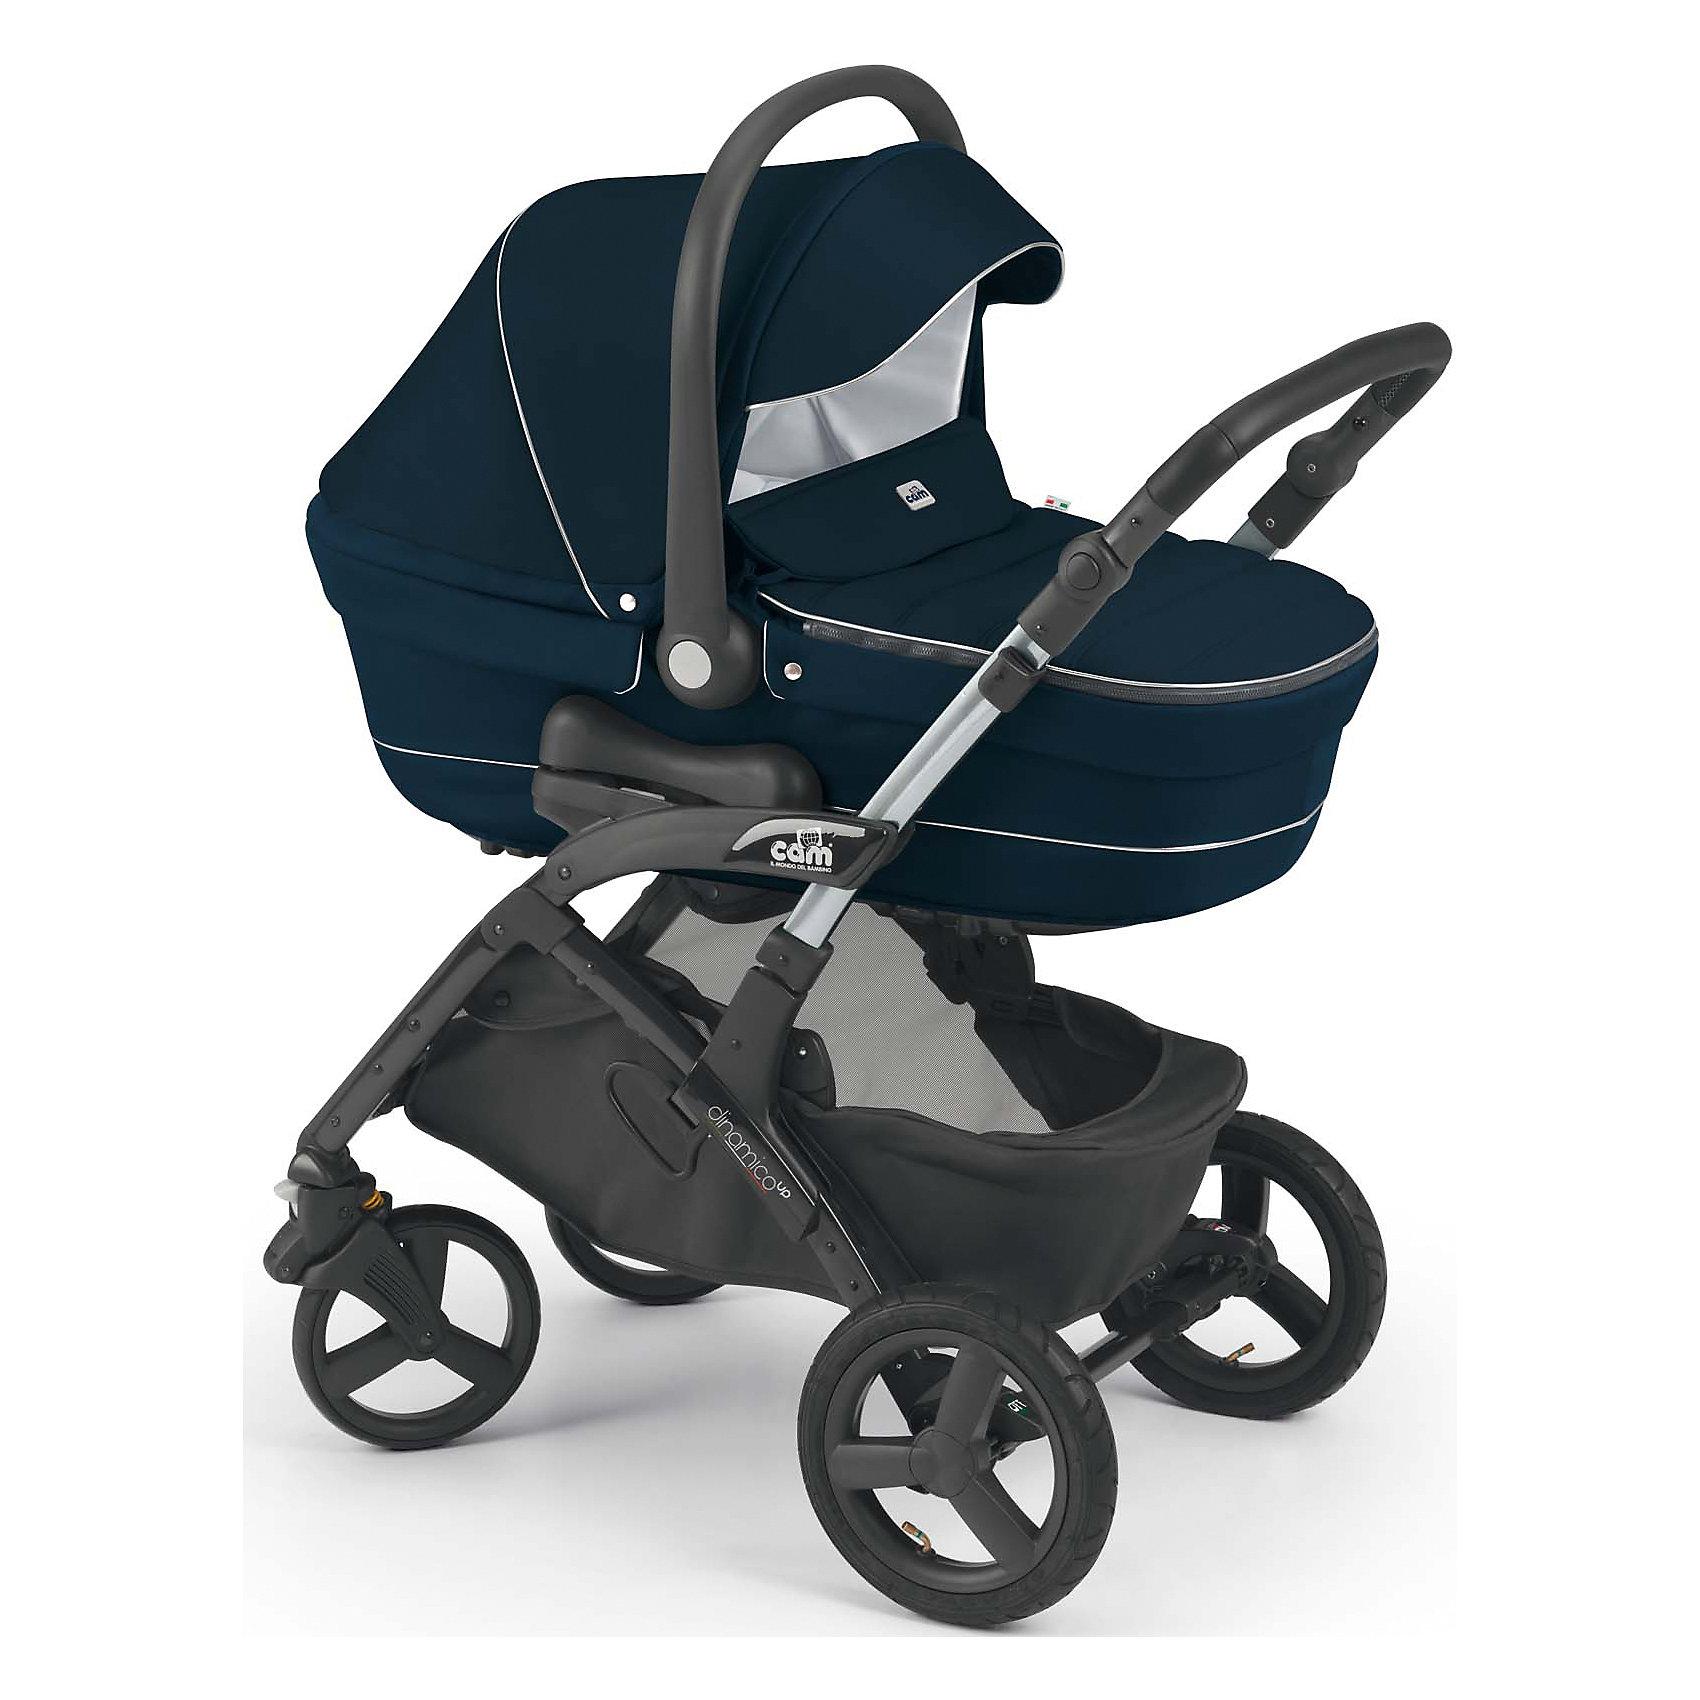 CAM Коляска 3-в-1 Dinamico Up, Cam, синий коляска 3 в 1 cam cortina x3 tris evolution цвет 638